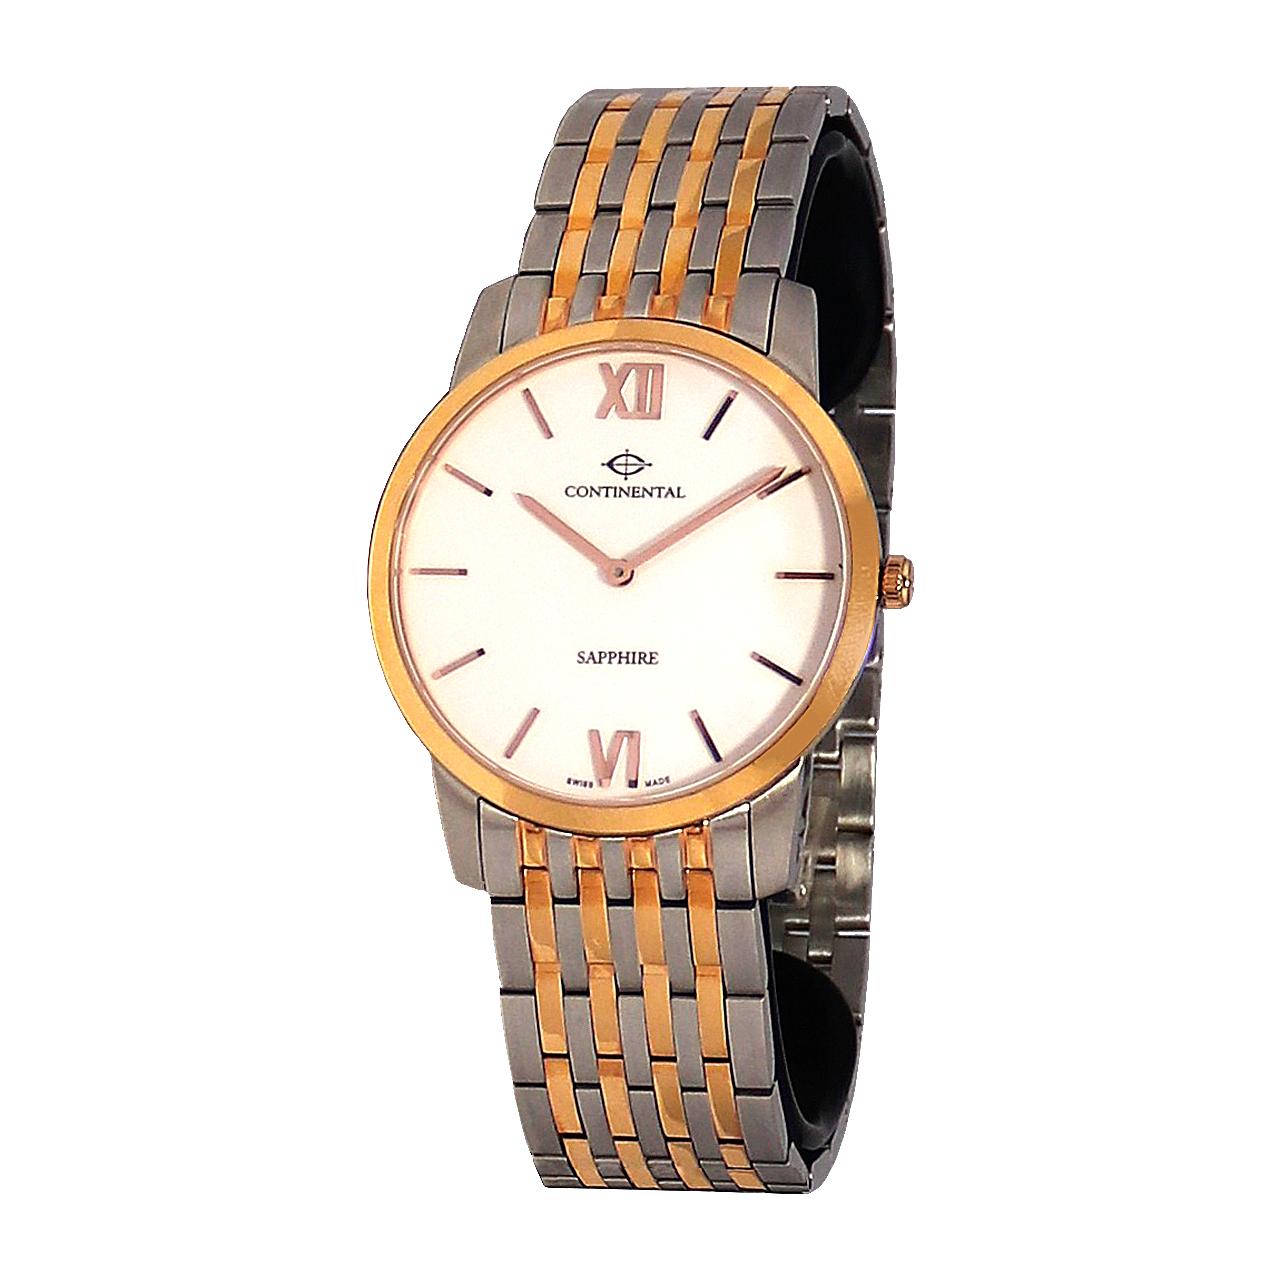 ساعت مچی عقربه ای مردانه کنتیننتال مدل 14101-R147R 48